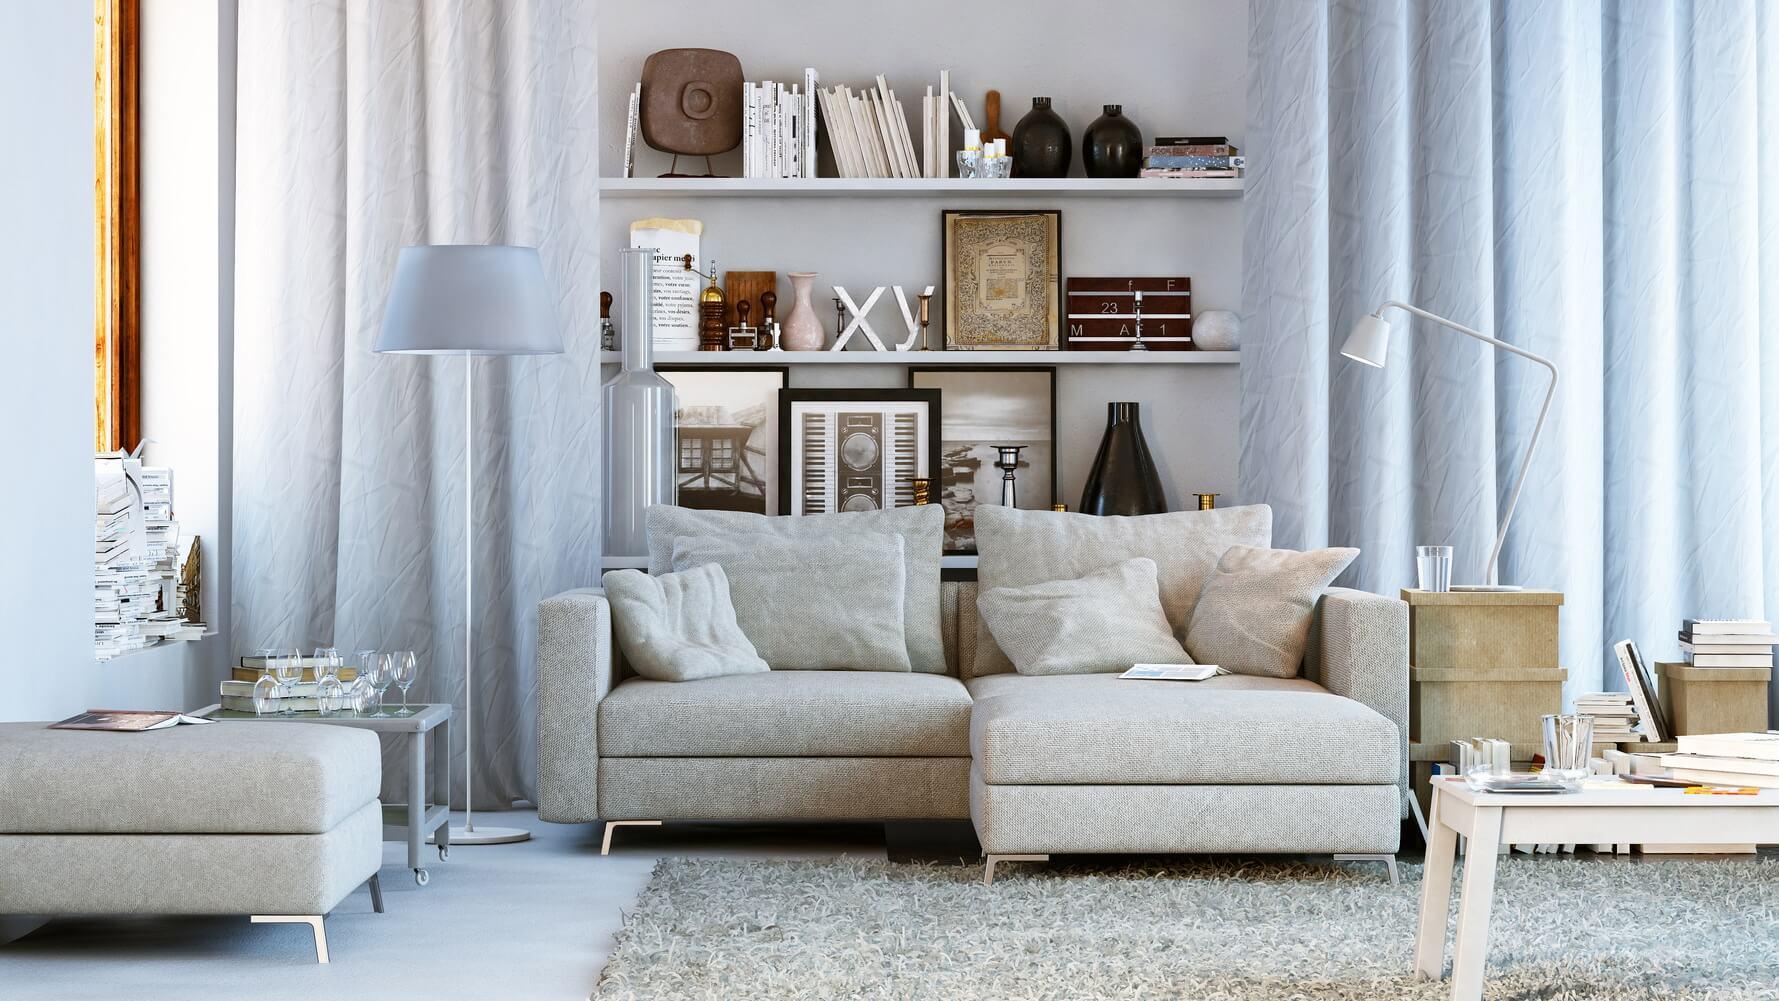 lebenslange ikea r ckgabe was bedeutet das f r dich. Black Bedroom Furniture Sets. Home Design Ideas